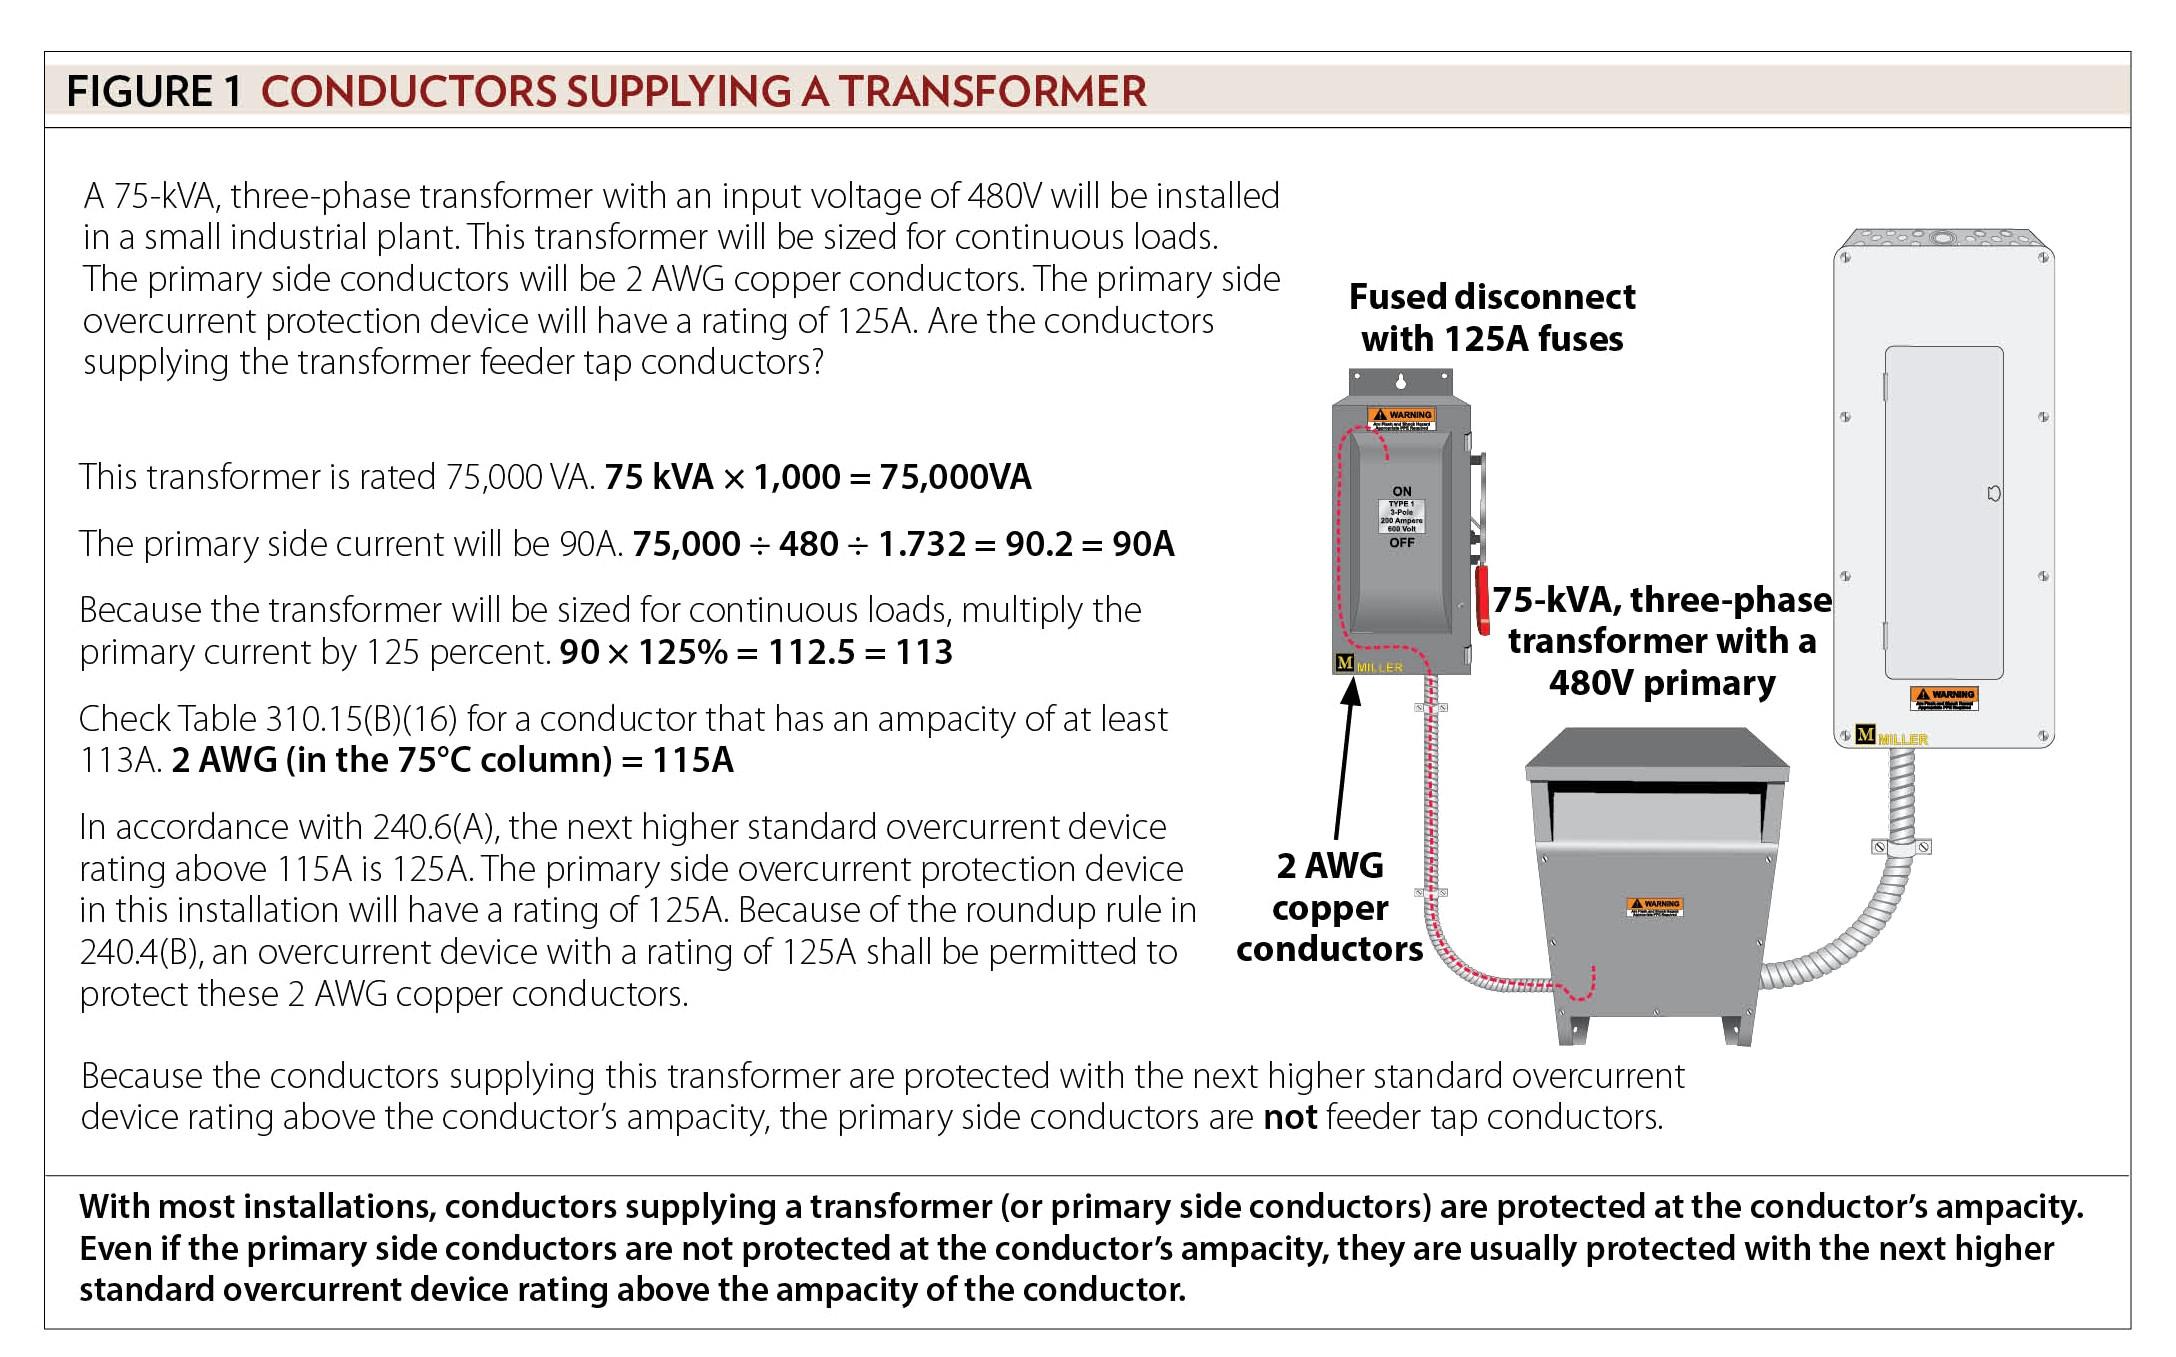 30 Kva Transformer Wiring Diagram | Wiring Diagram - 3 Phase Transformer Wiring Diagram